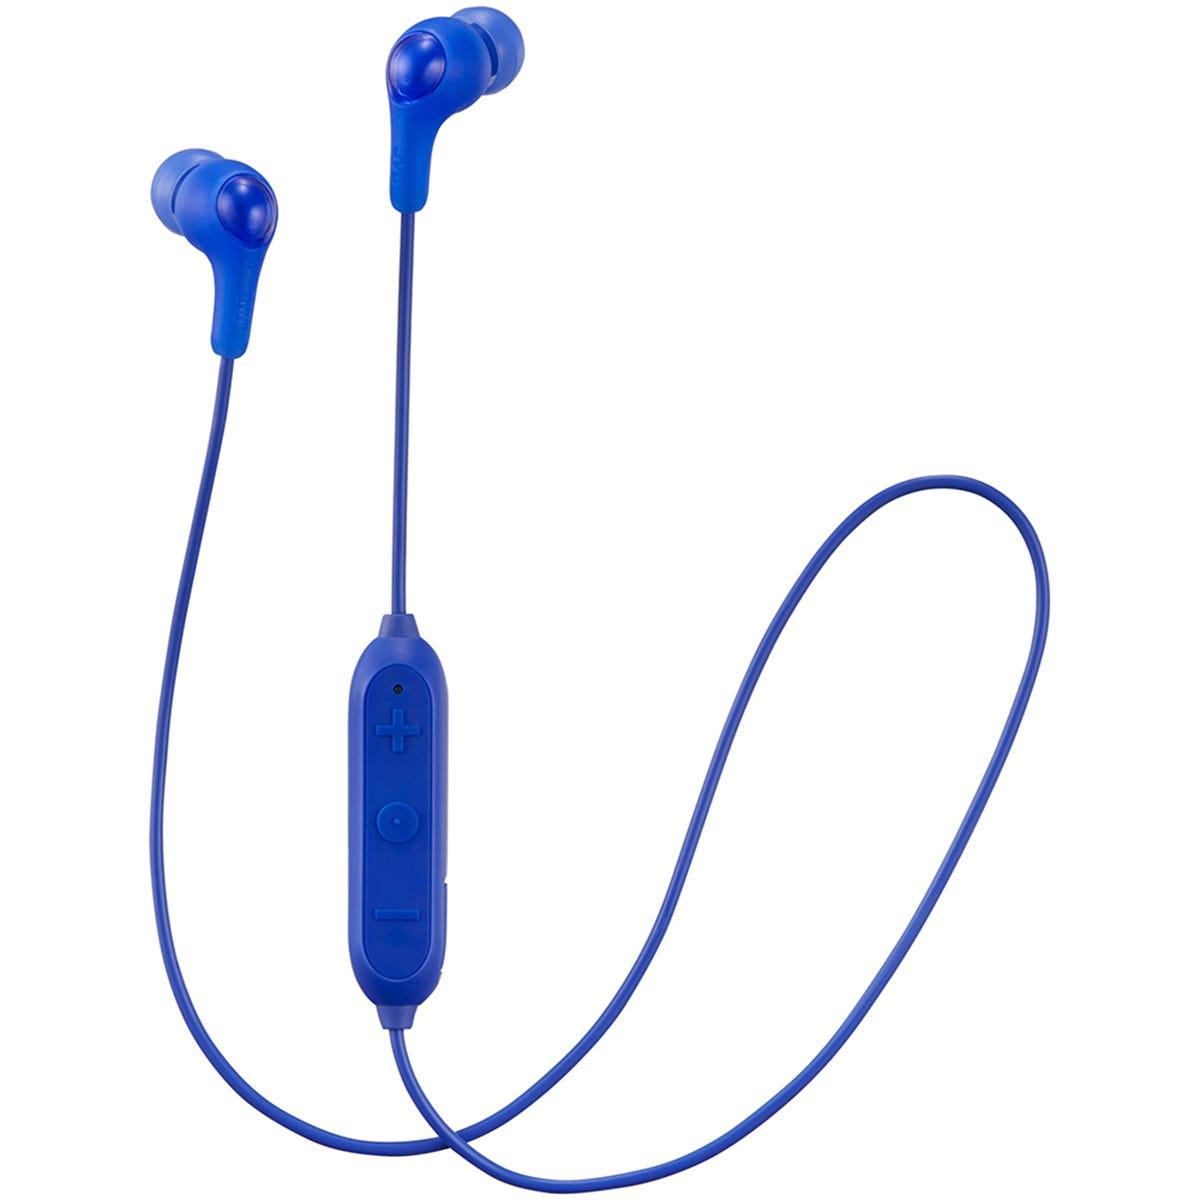 JVC Gumy Wireless Bluetooth In Ear Headphones - Blue